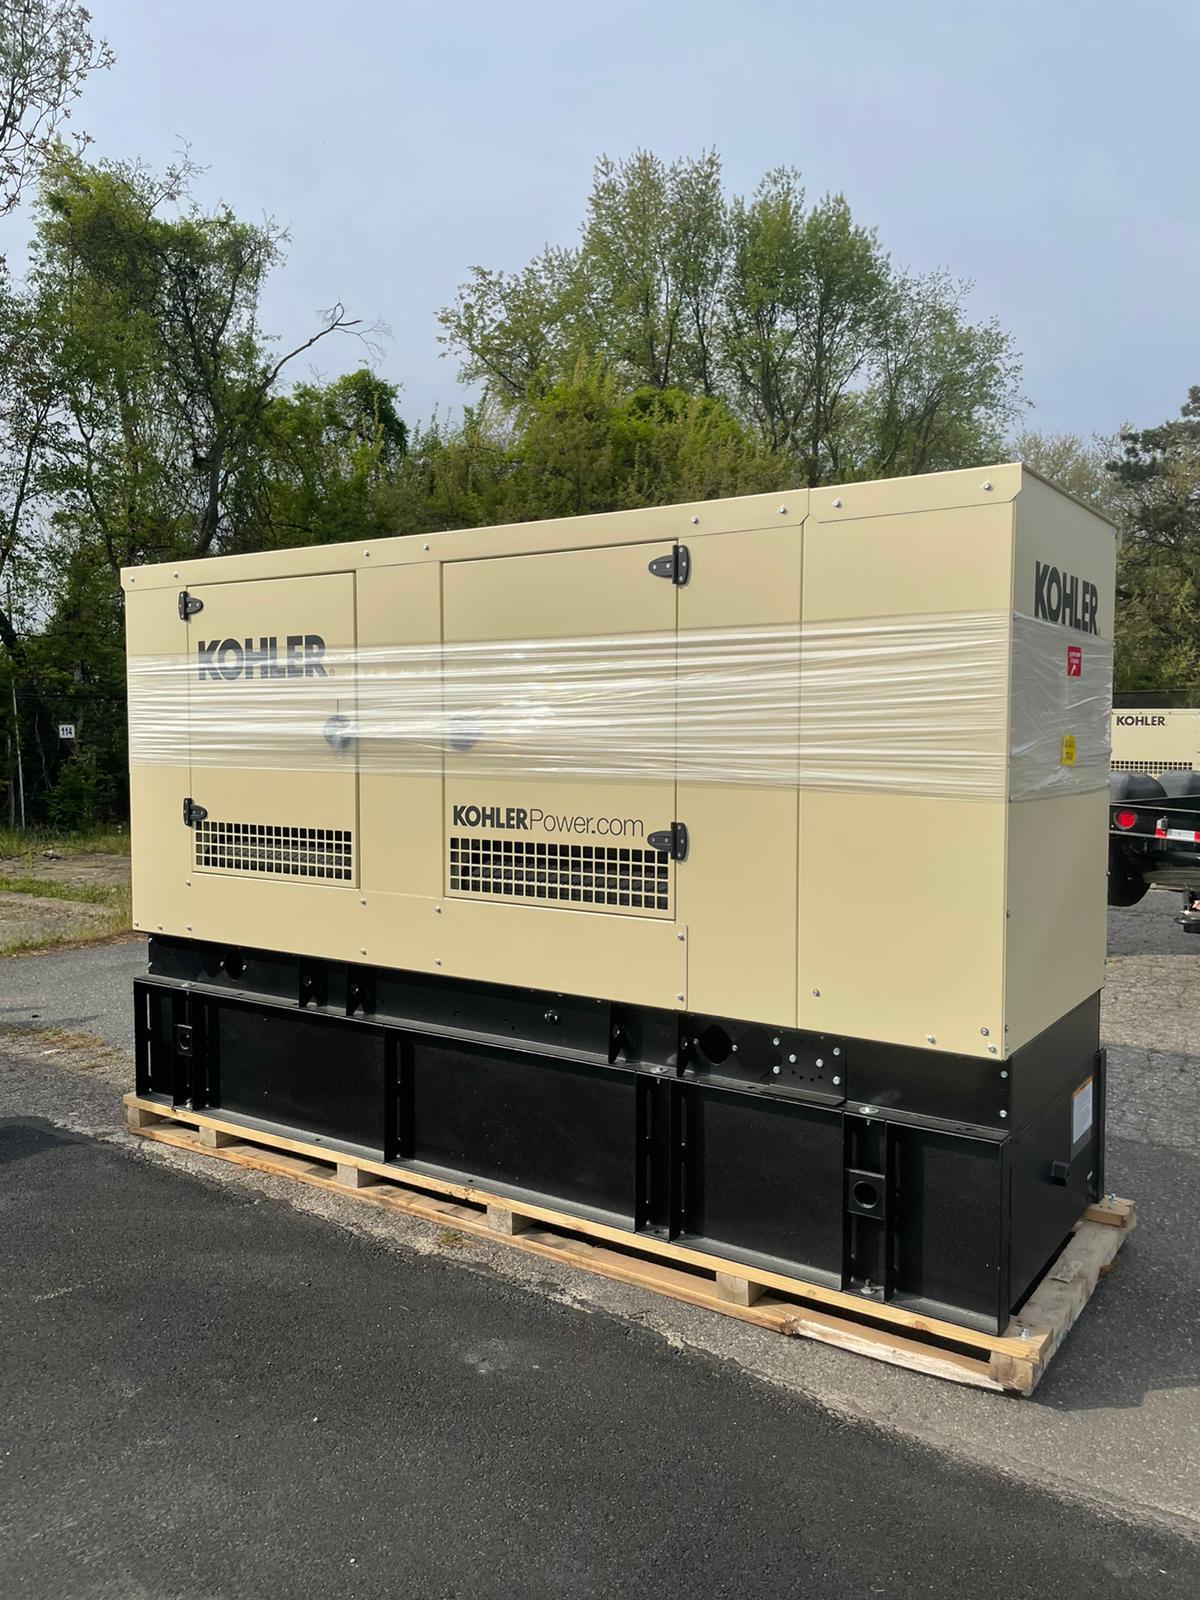 New 150 kW Kohler 150REOZJF Diesel Generator – EPA Tier 3 – COMING IN!